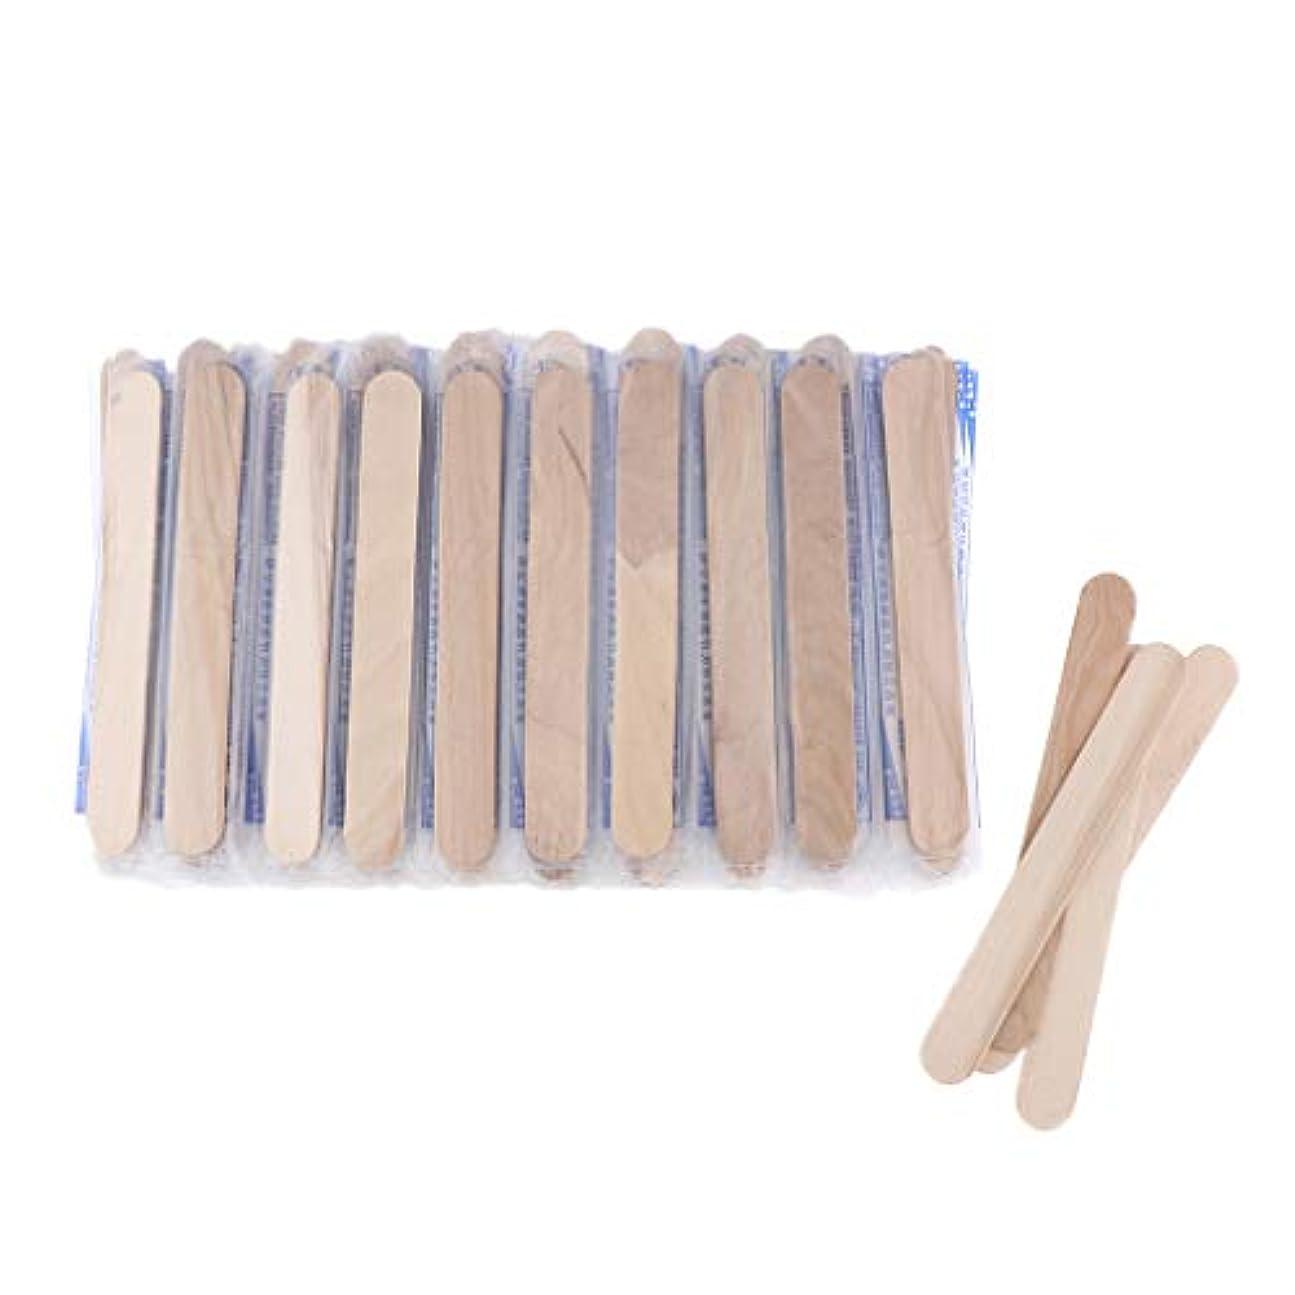 確かに教育学アヒル約100個 木製 スパチュラ 脱毛ワックス塗布用 眉毛 顔 唇 脇の下 鼻 耳 口ひげ